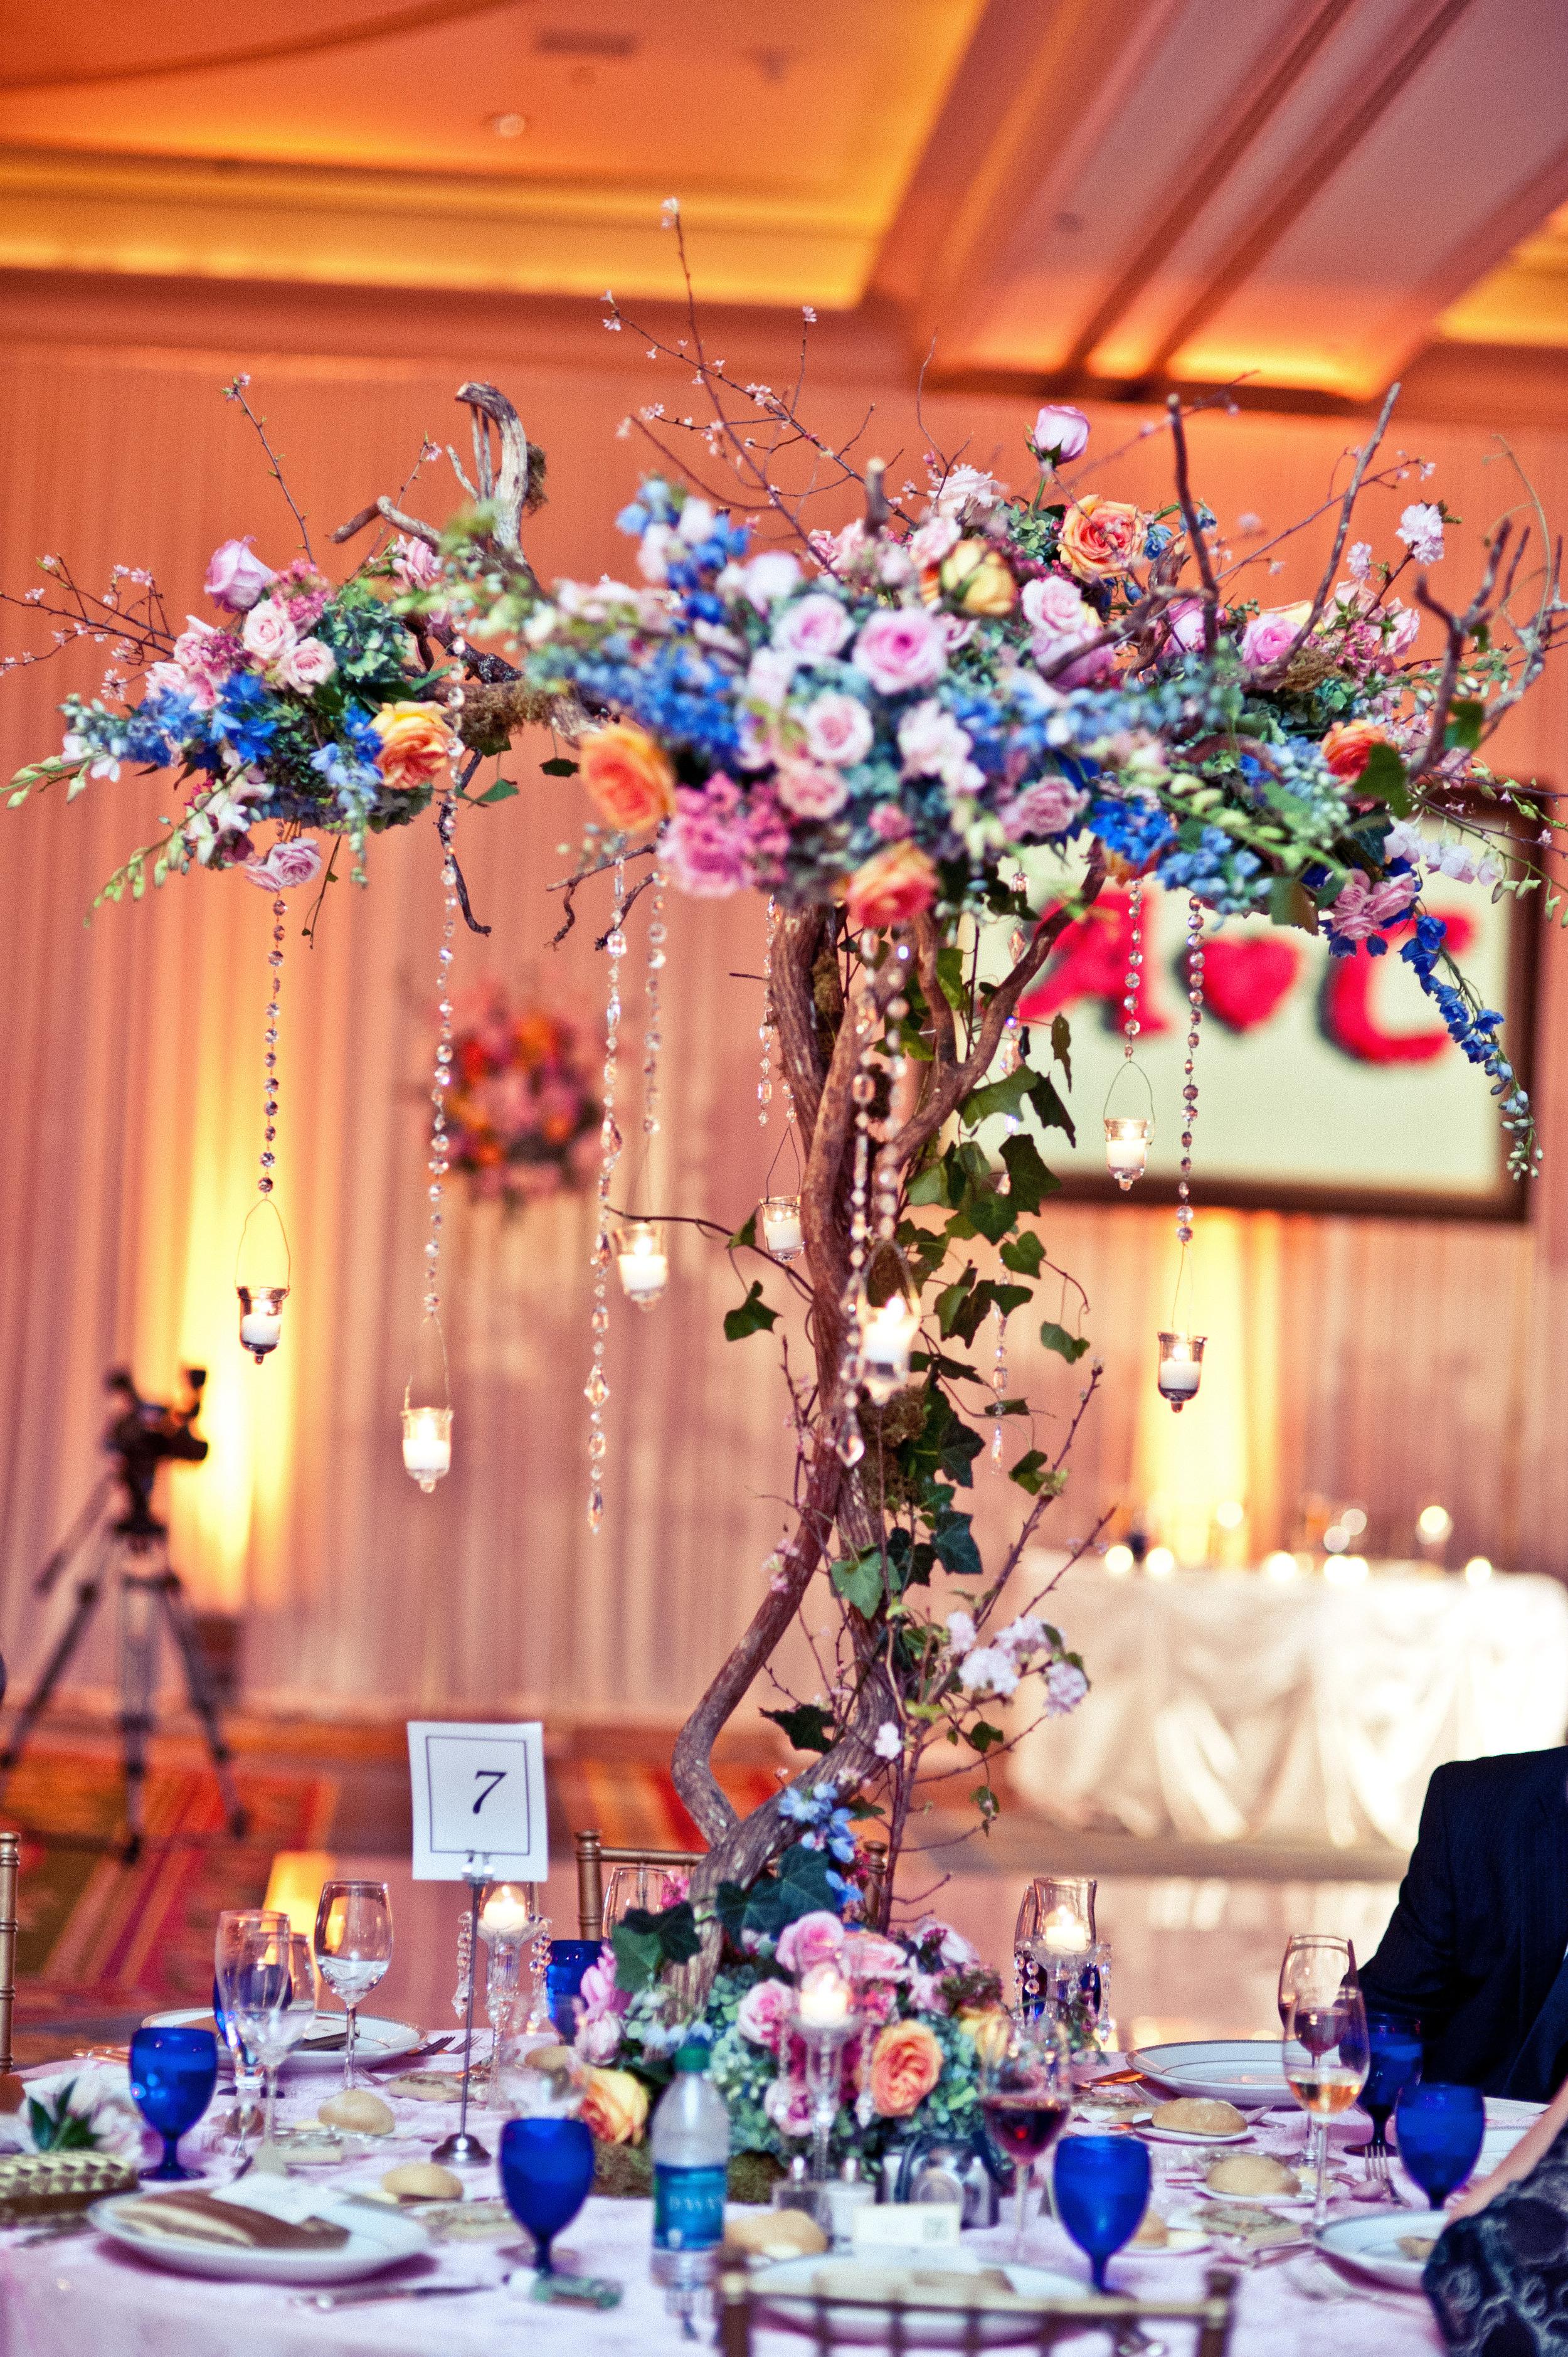 Wedding-0523-(ZF-8051-82656-1-523).jpg